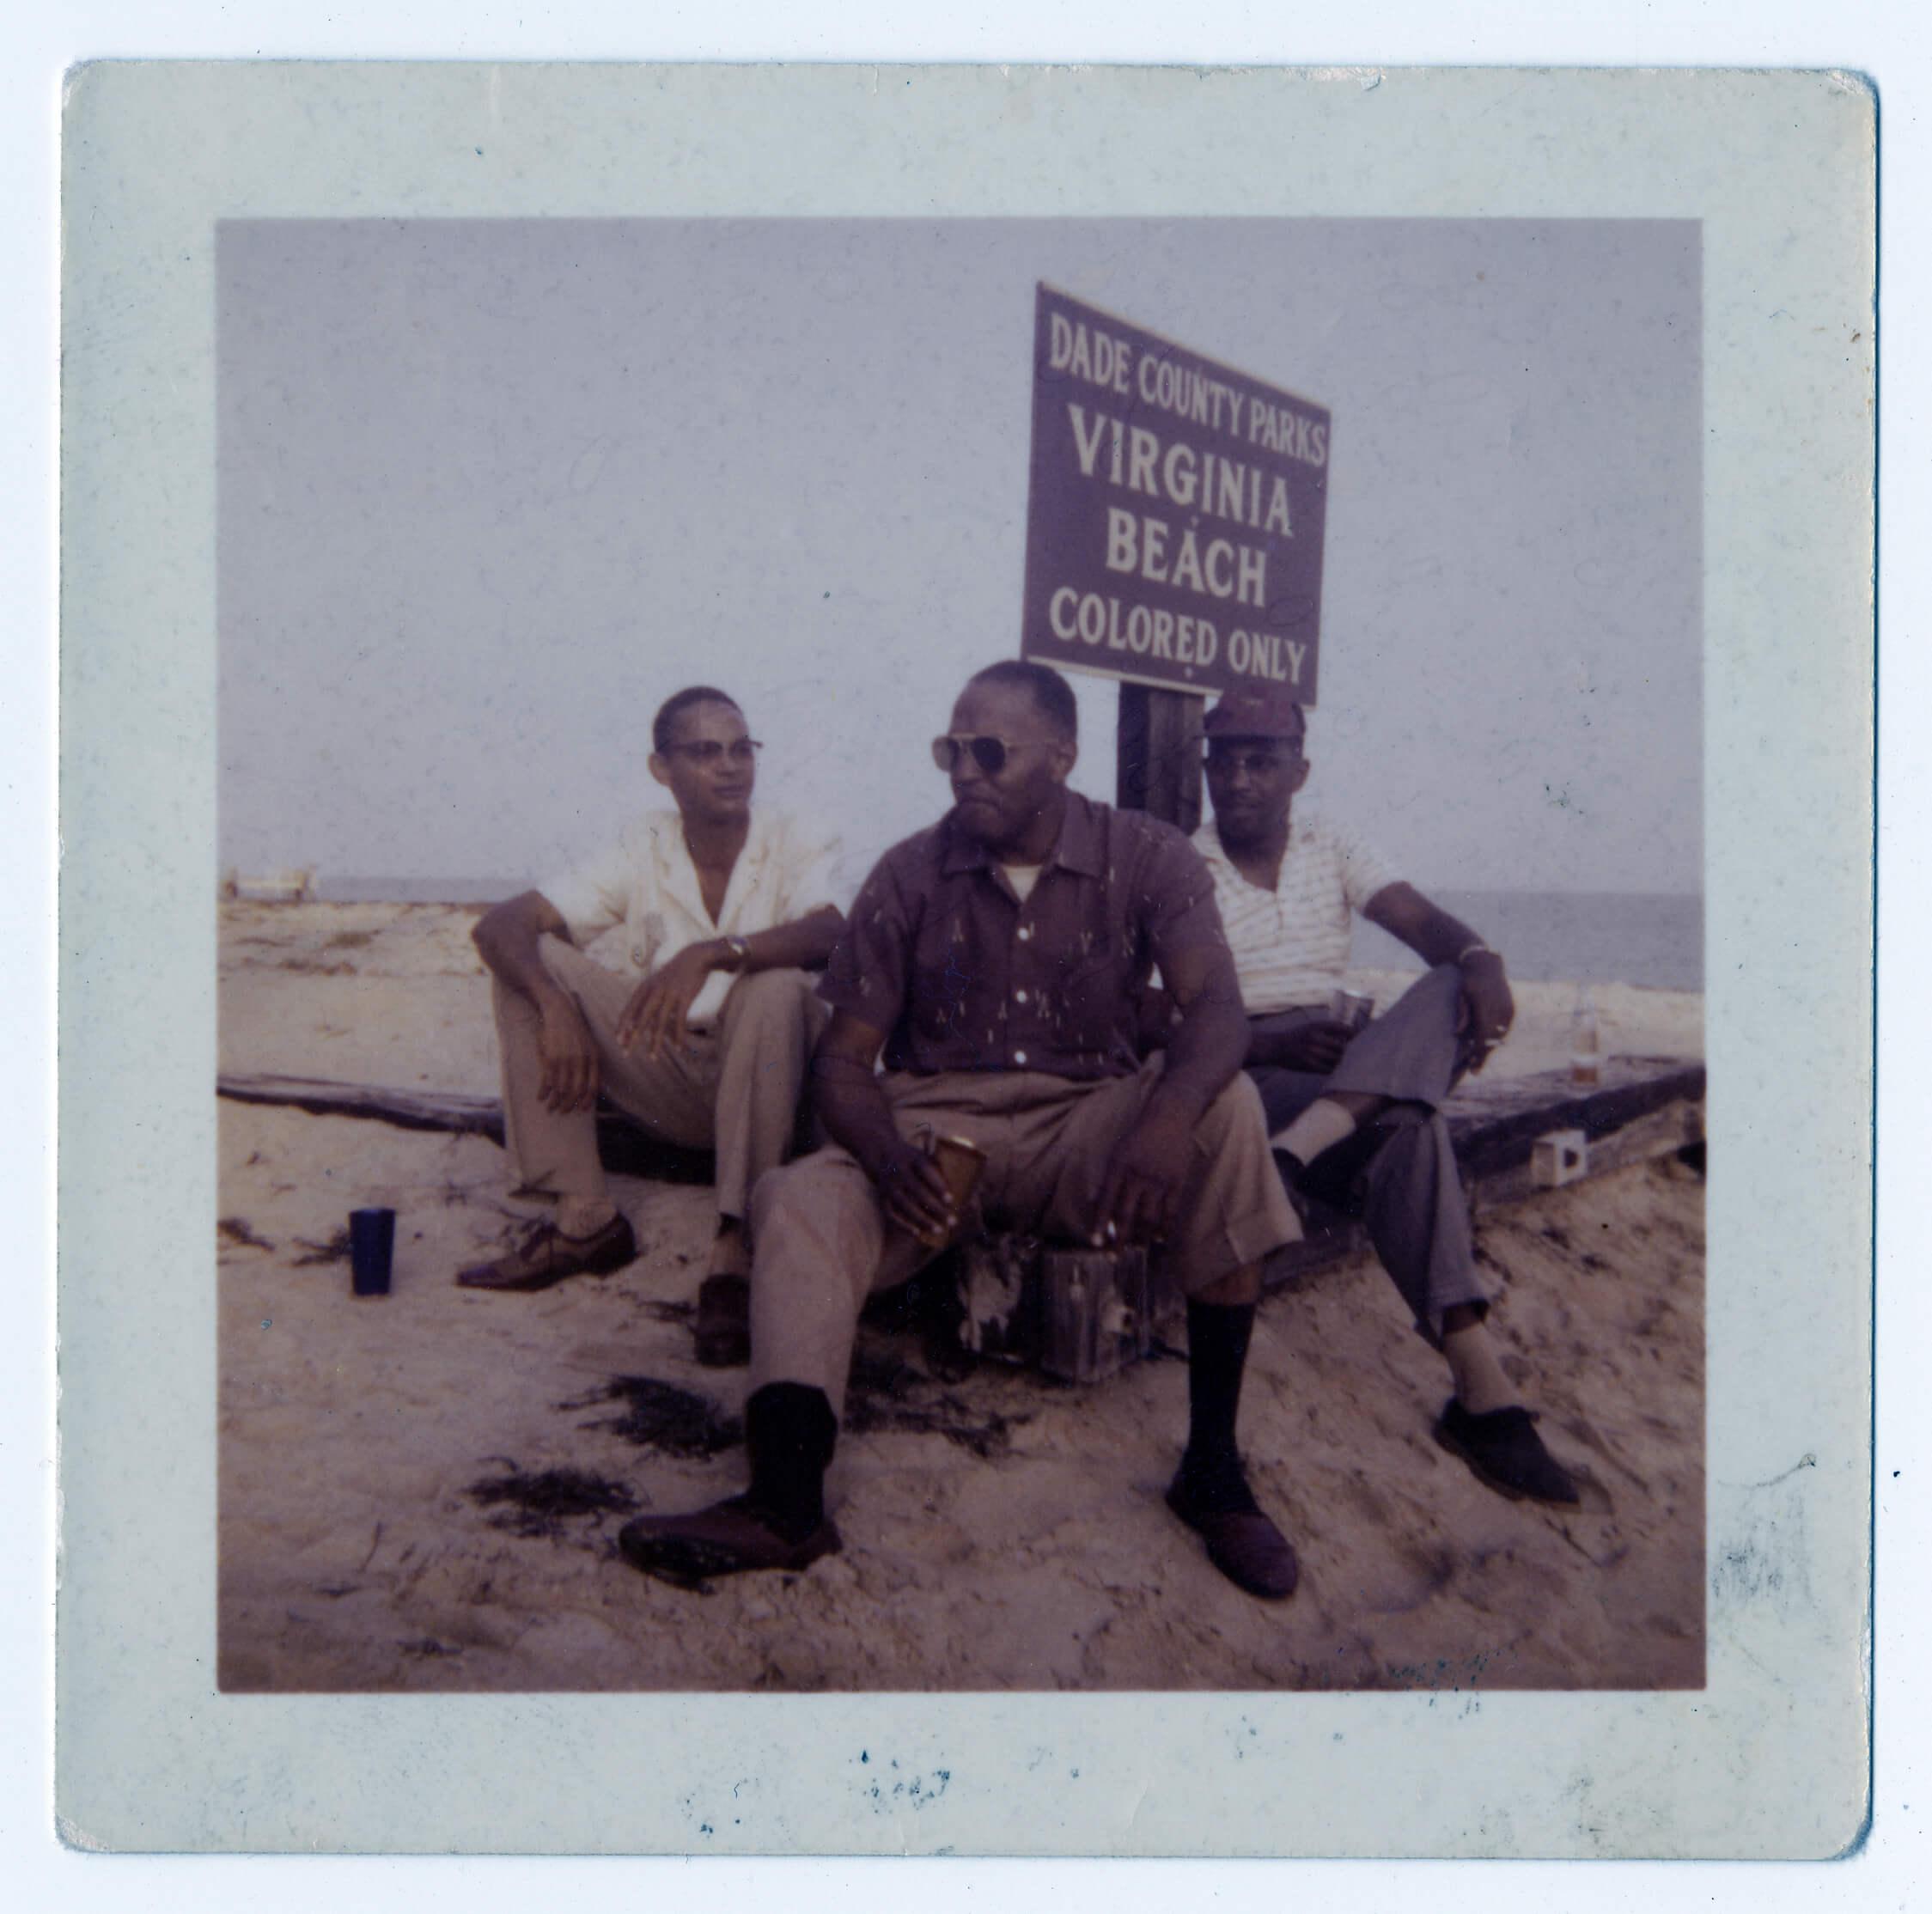 VKBP-men-on-beach